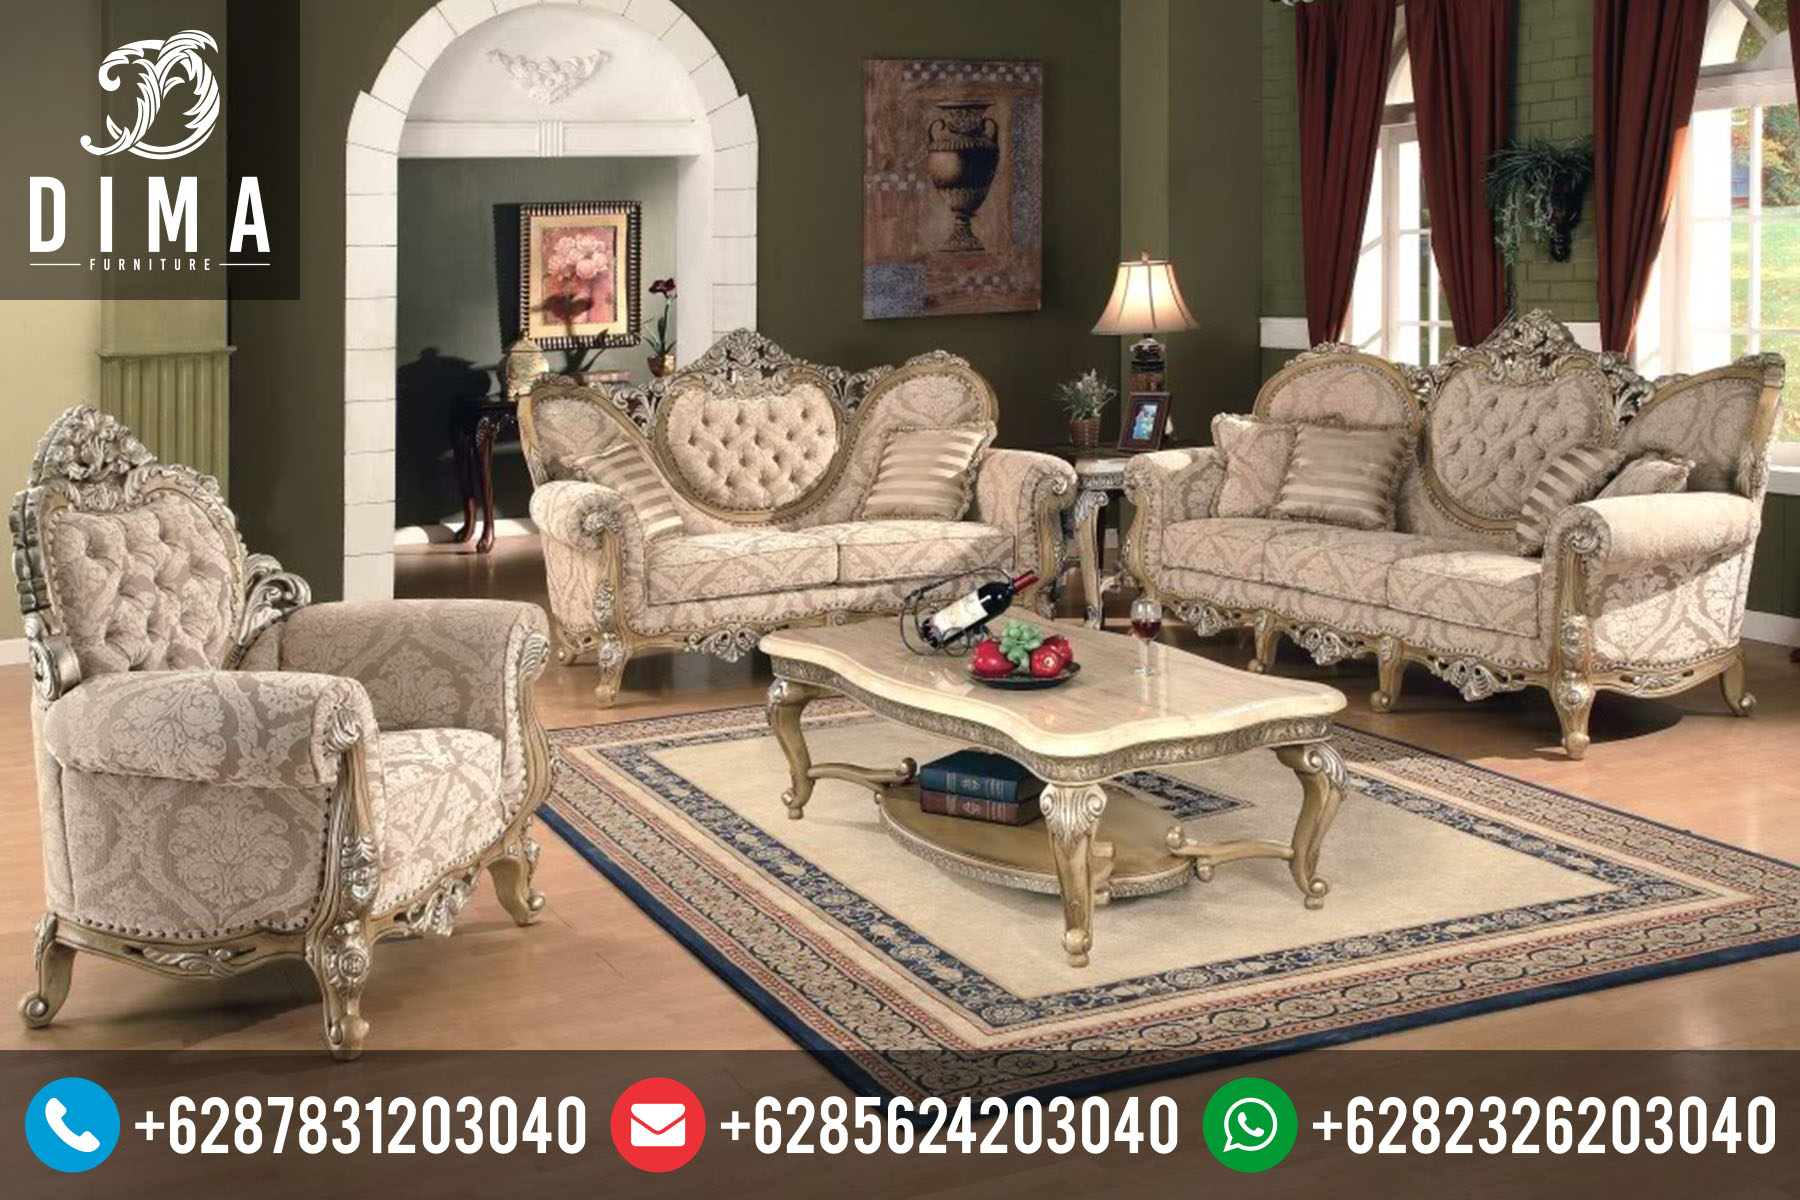 Mebel Mewah Jepara Set Kursi Sofa Tamu Klasik Ukir Terbaru ST-0050